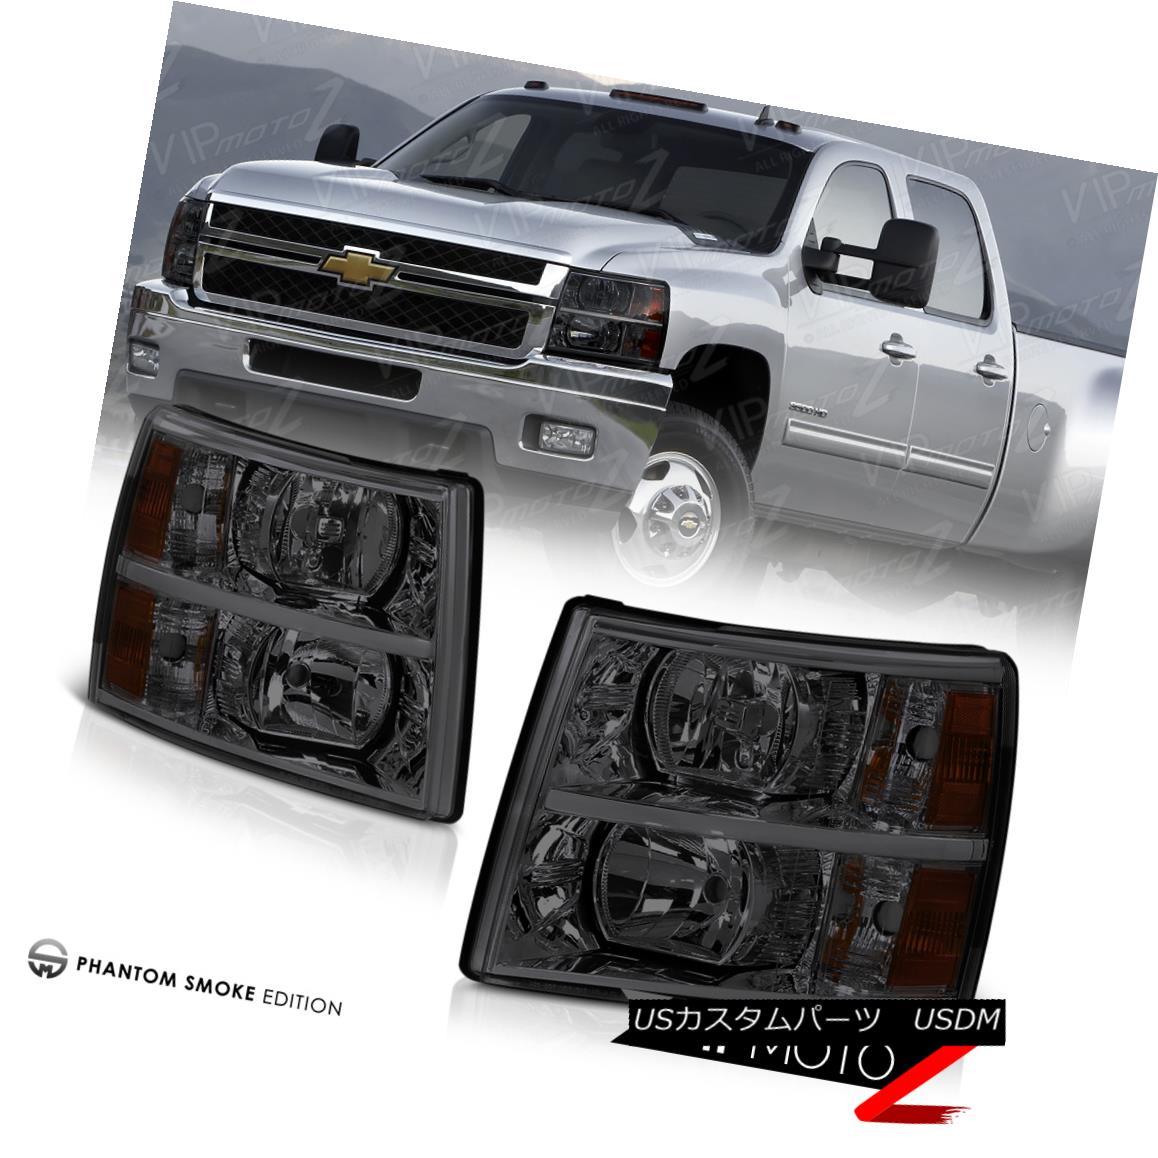 ヘッドライト Chevy Silverado 2007-2014 Left+Right Smoke Headlight Amber Signal Parking Lamps Chevy Silverado 2007-2014 Left + Rightスモークヘッドライトアンバーシグナルパーキングランプ